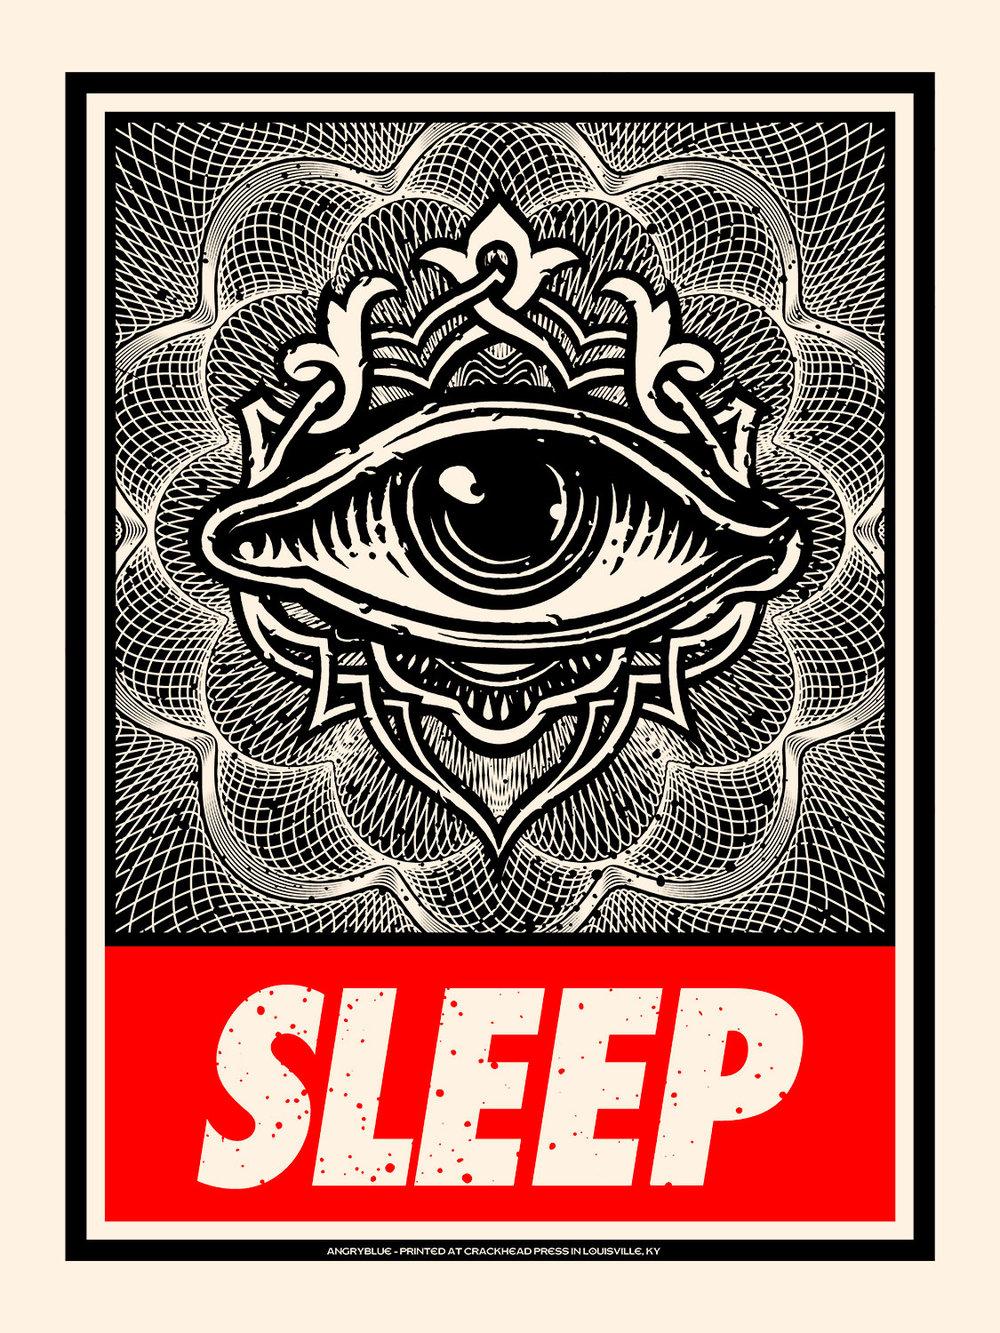 Sleep_seps.jpg